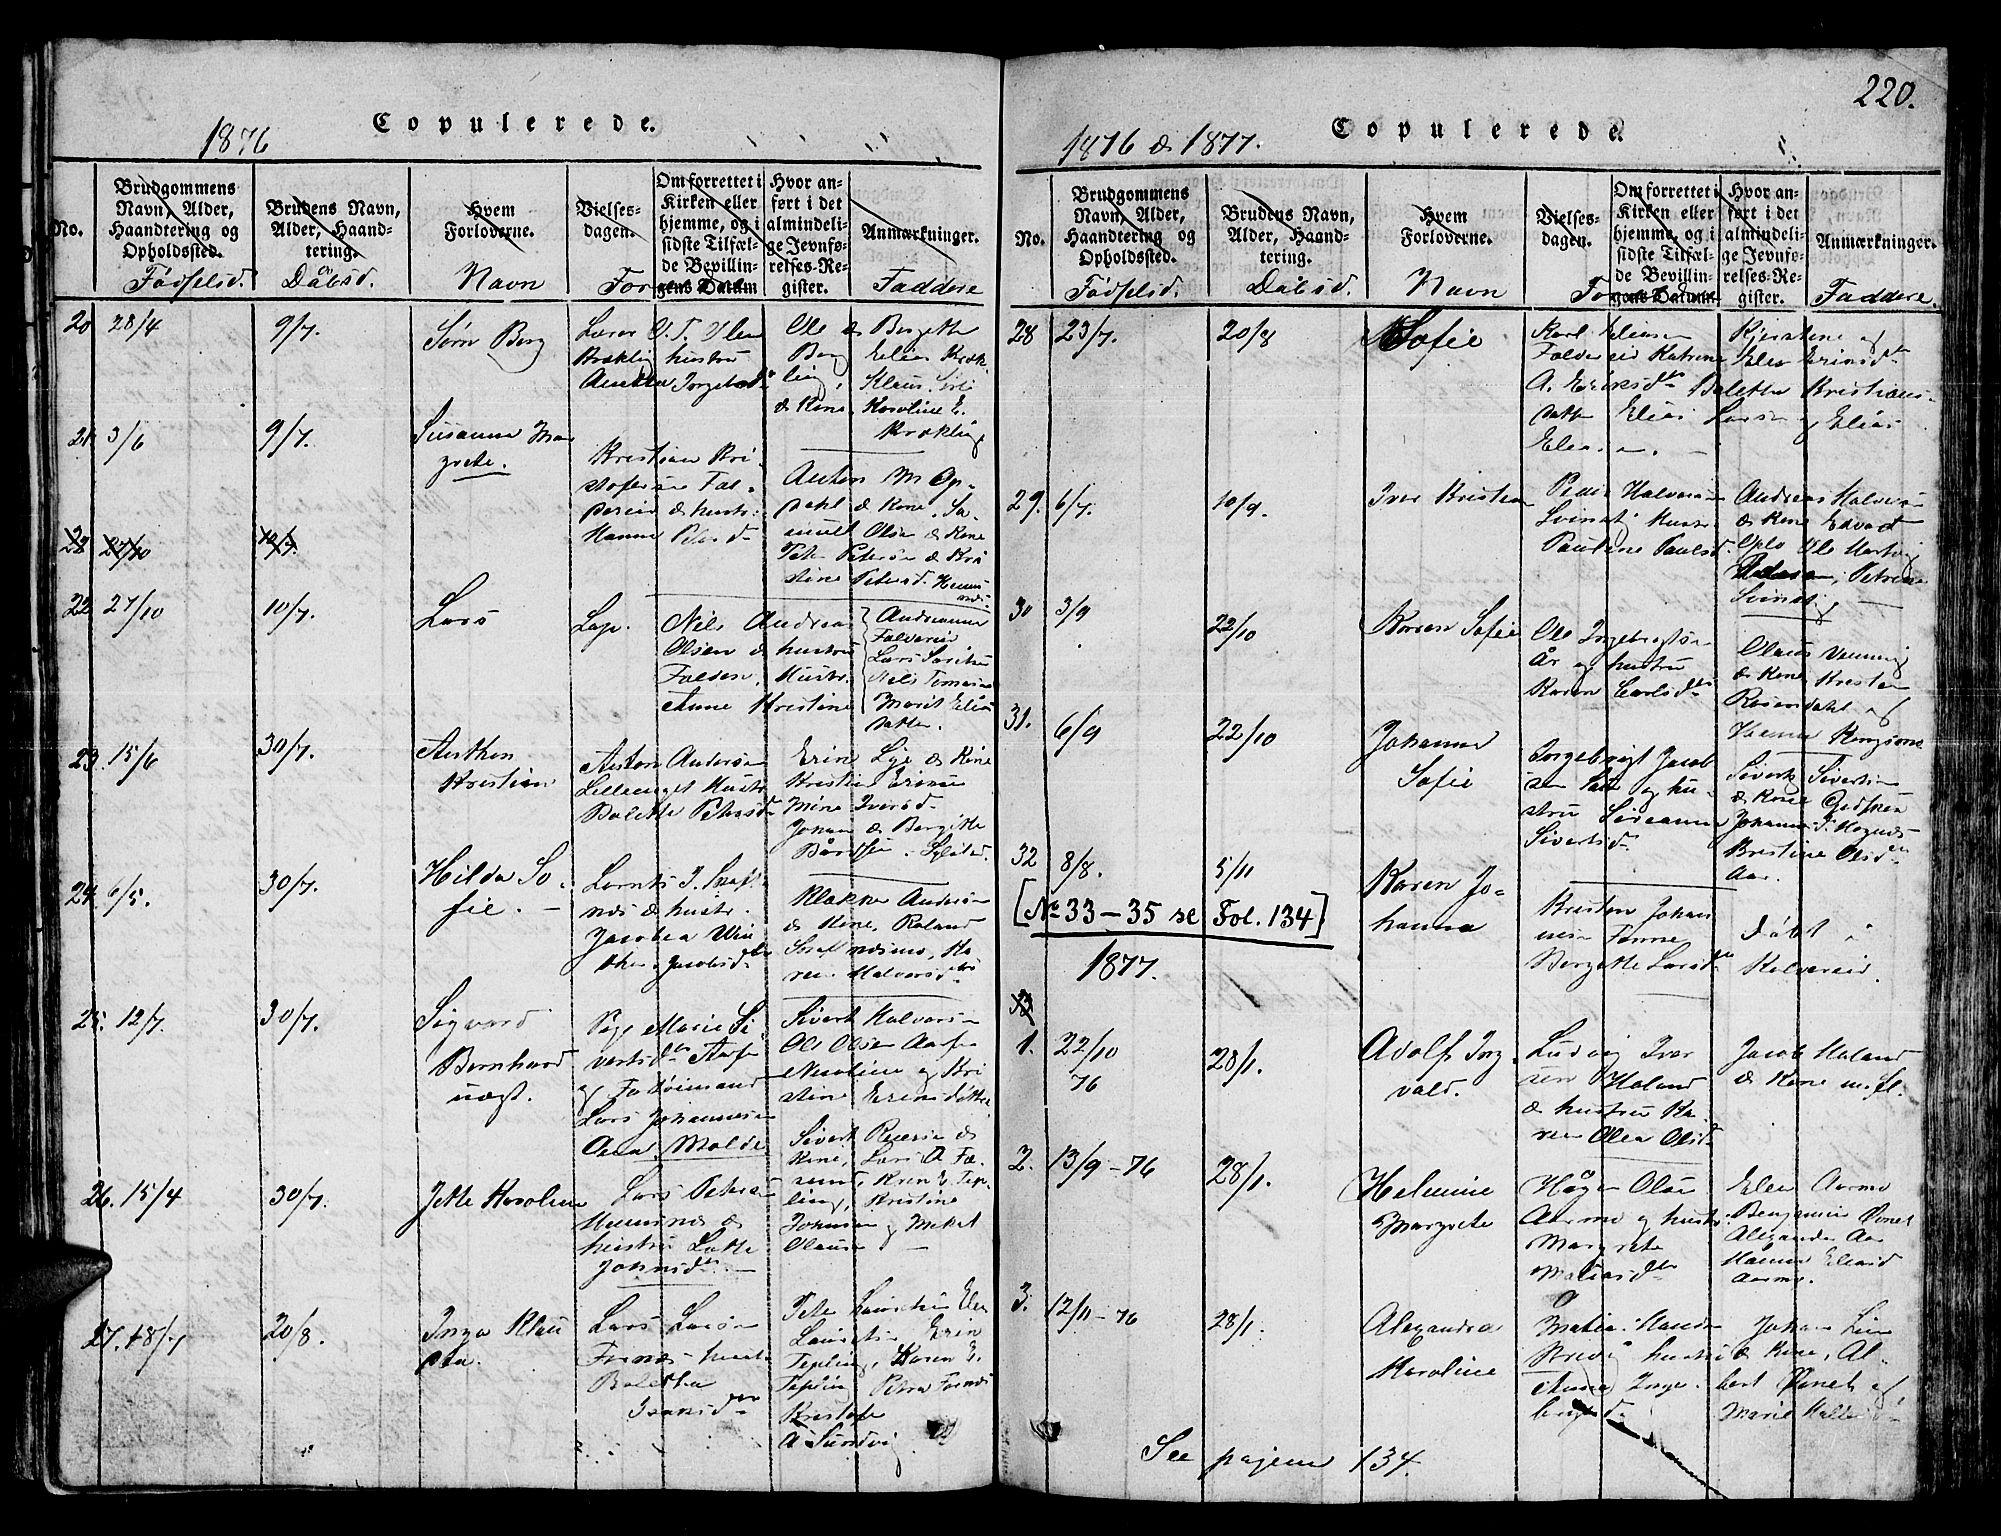 SAT, Ministerialprotokoller, klokkerbøker og fødselsregistre - Nord-Trøndelag, 780/L0648: Klokkerbok nr. 780C01 /3, 1815-1877, s. 220